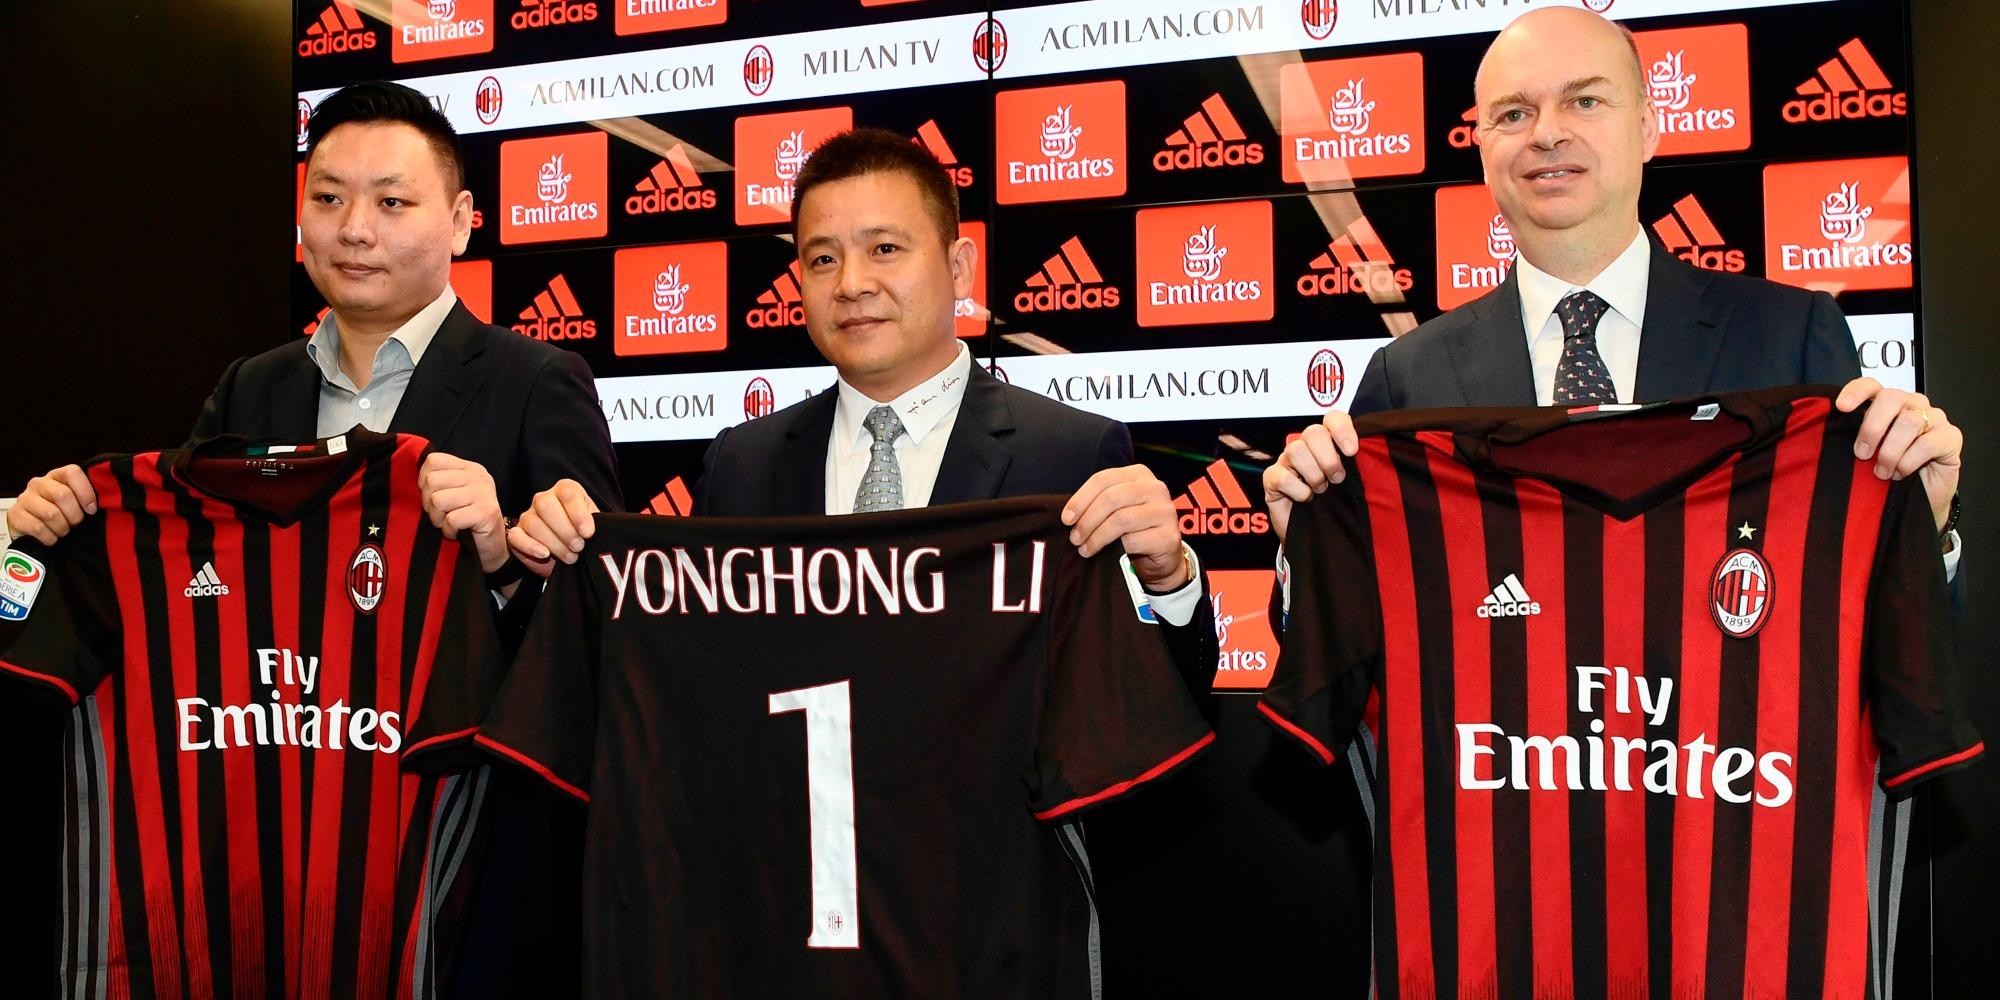 Han Li Yonghong Li Marco Fassone Milan